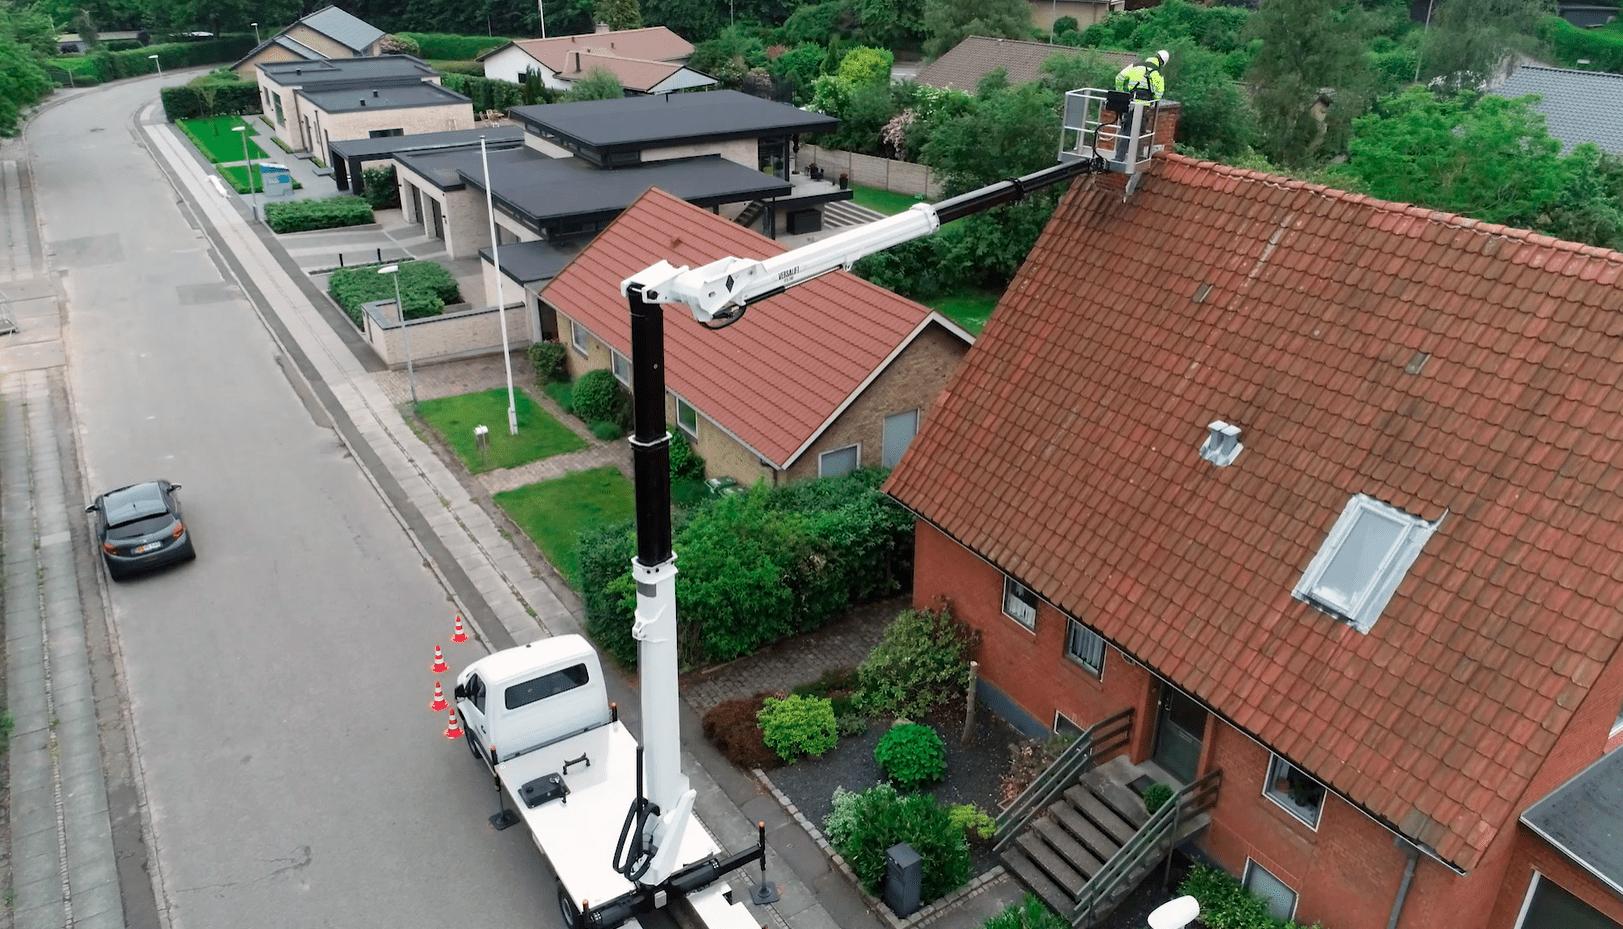 VTX 240 for roofing